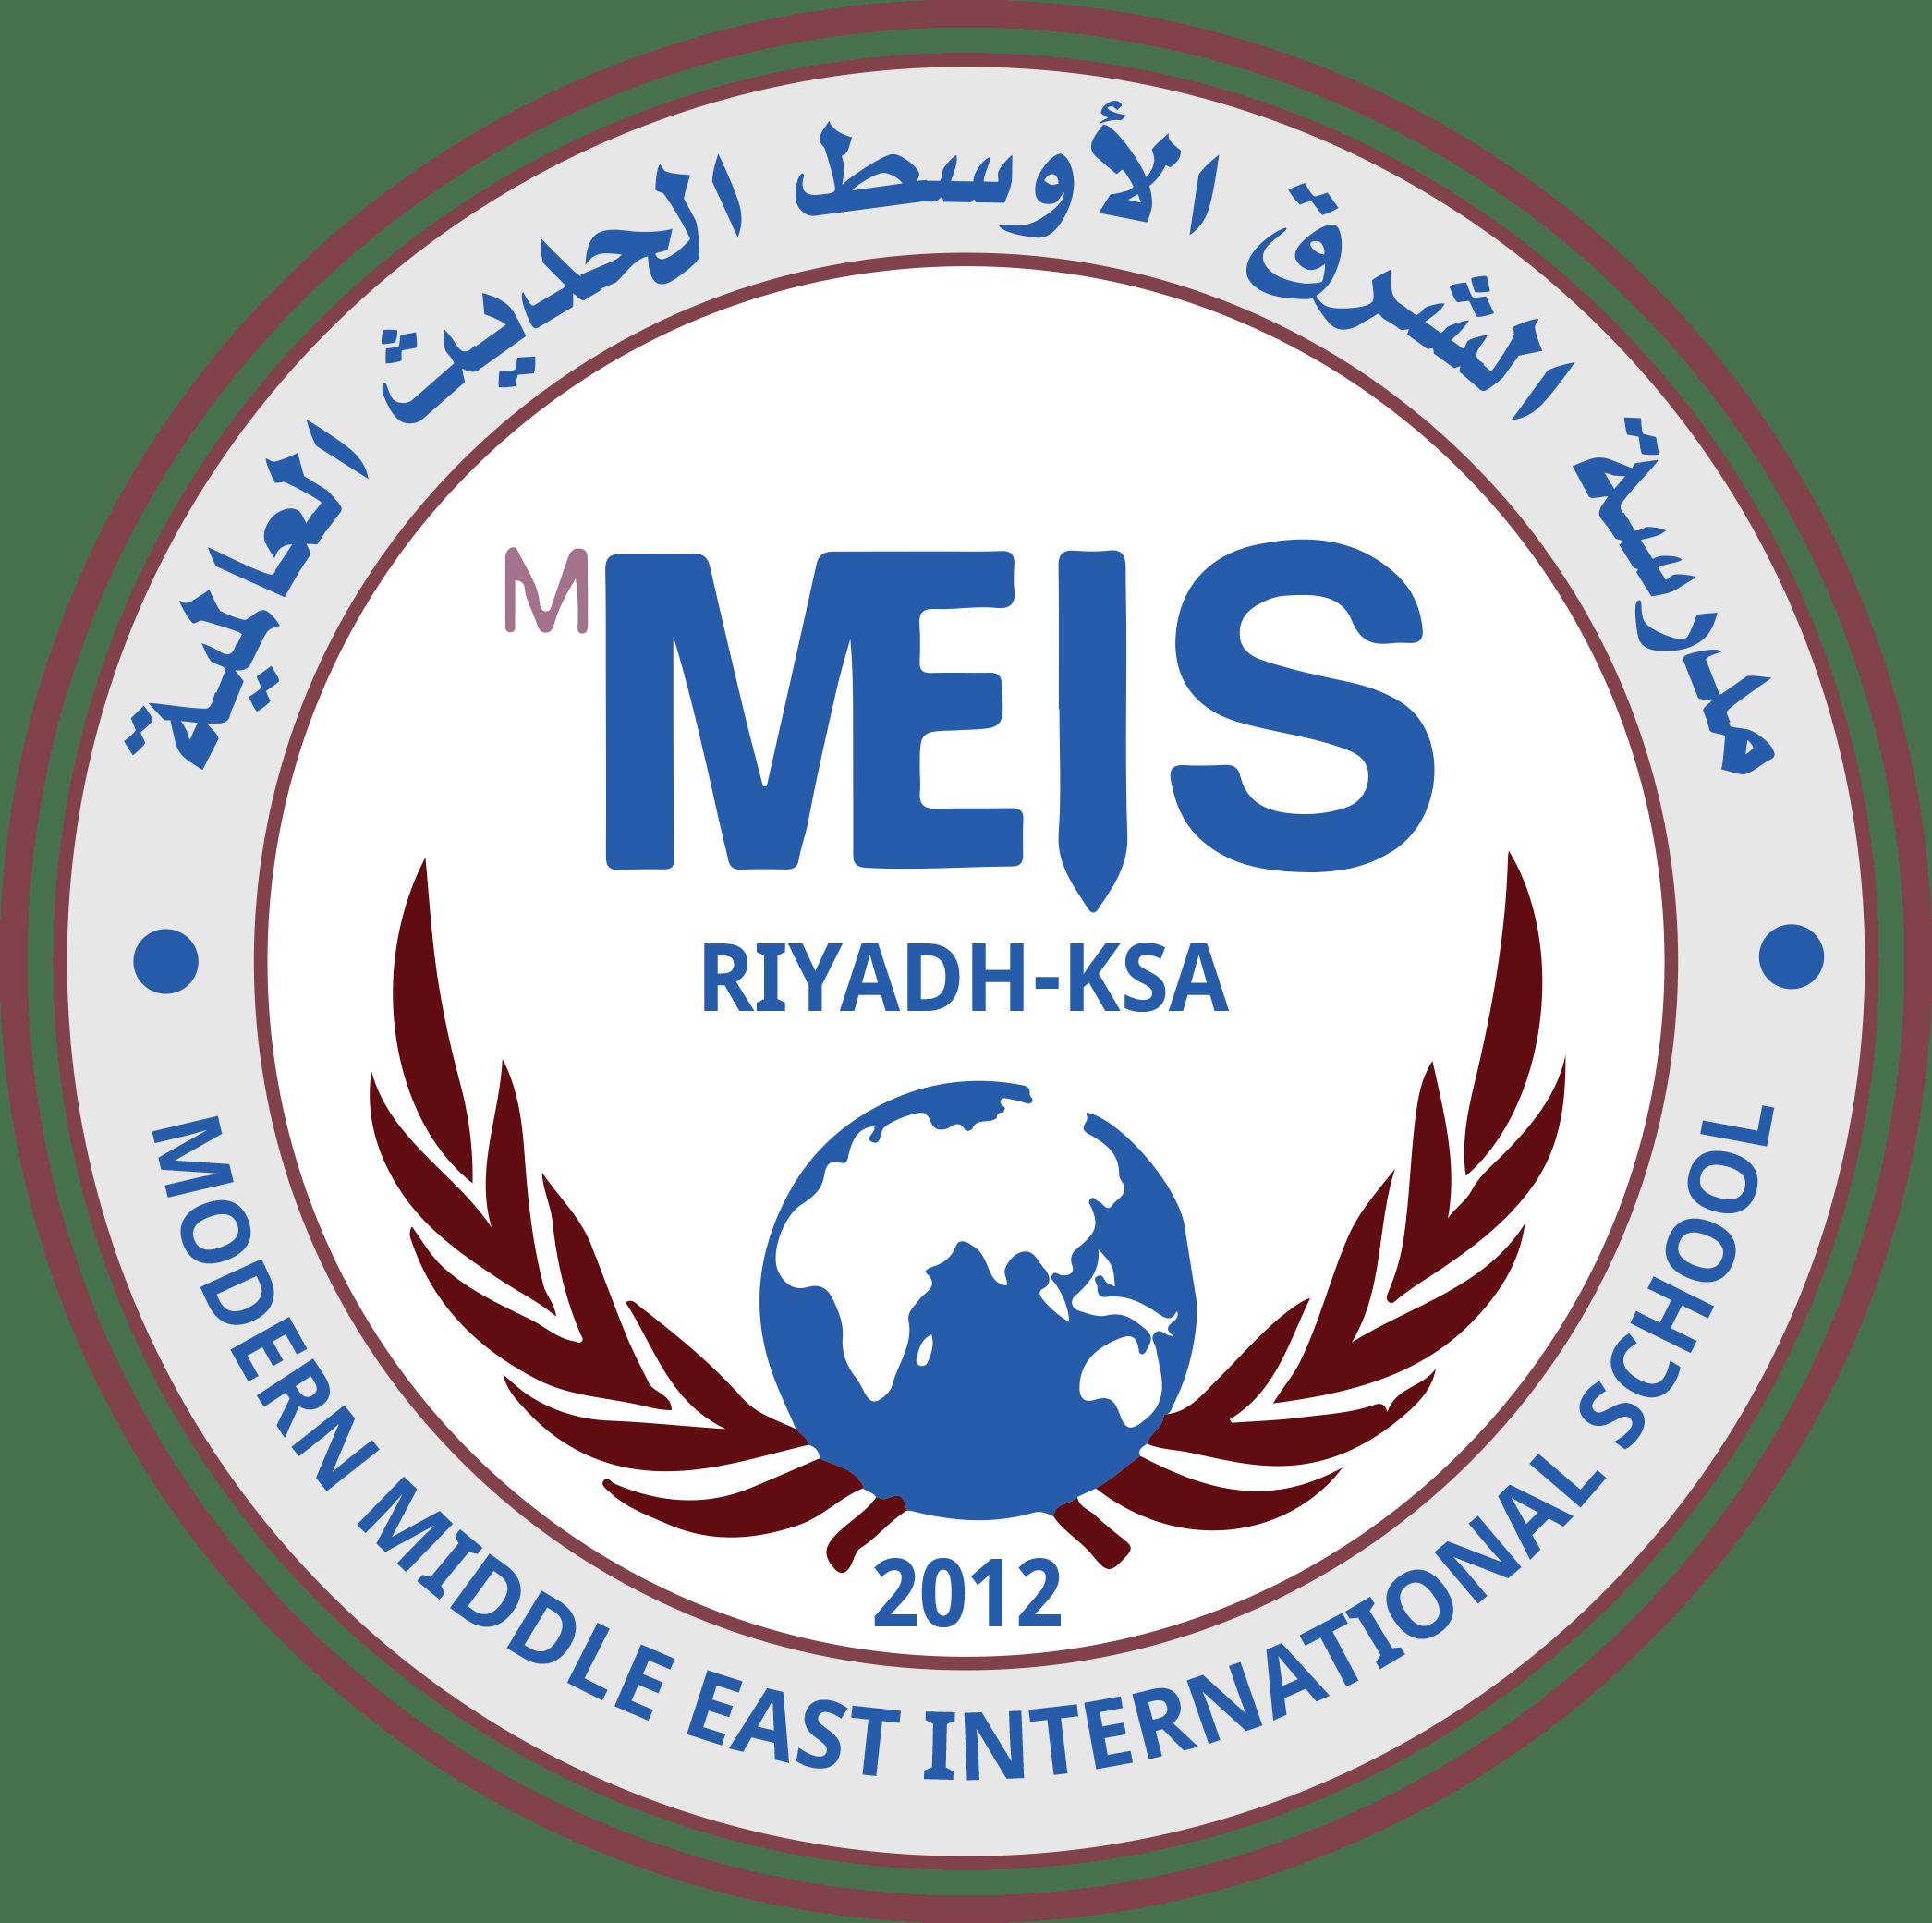 مدرسة الشرق الأوسط الدولية الحديثة